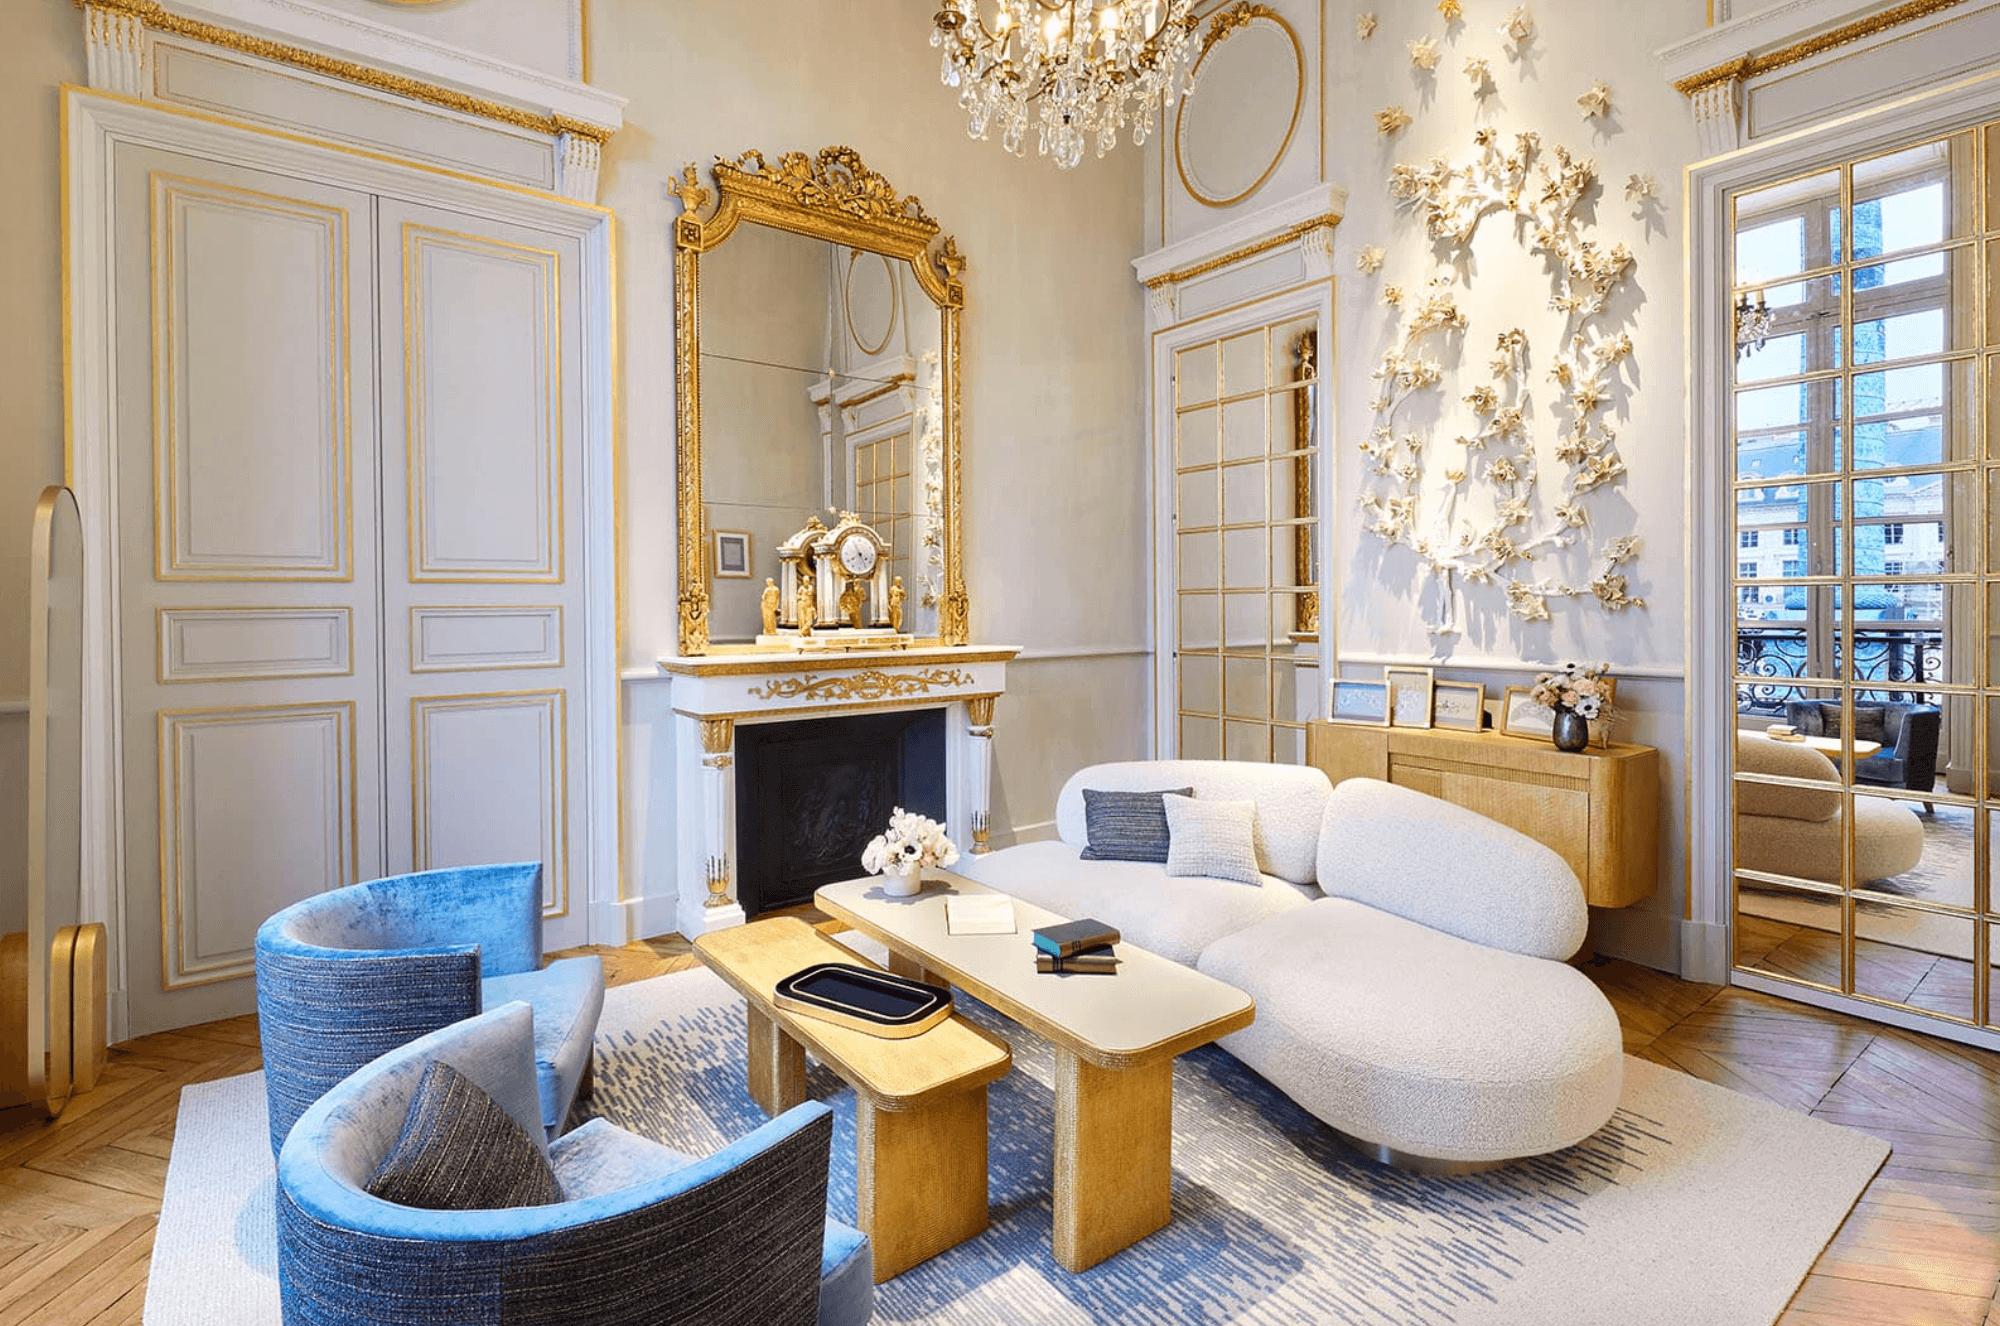 Chaumet mücevher mağaza tasarımı